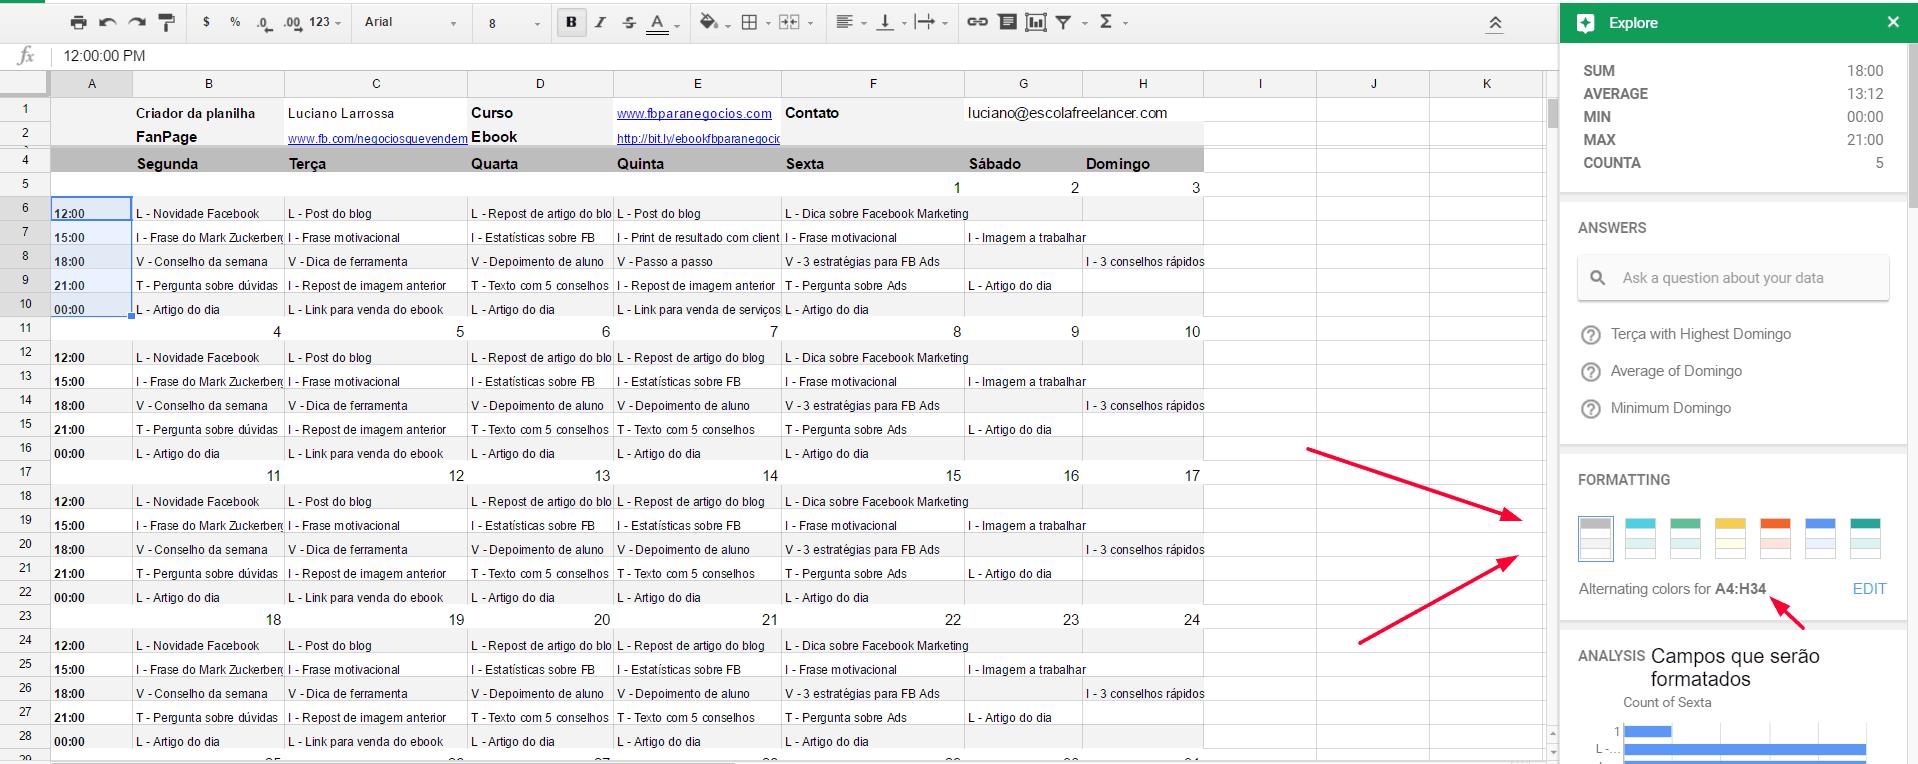 explorar-no-google-formatar